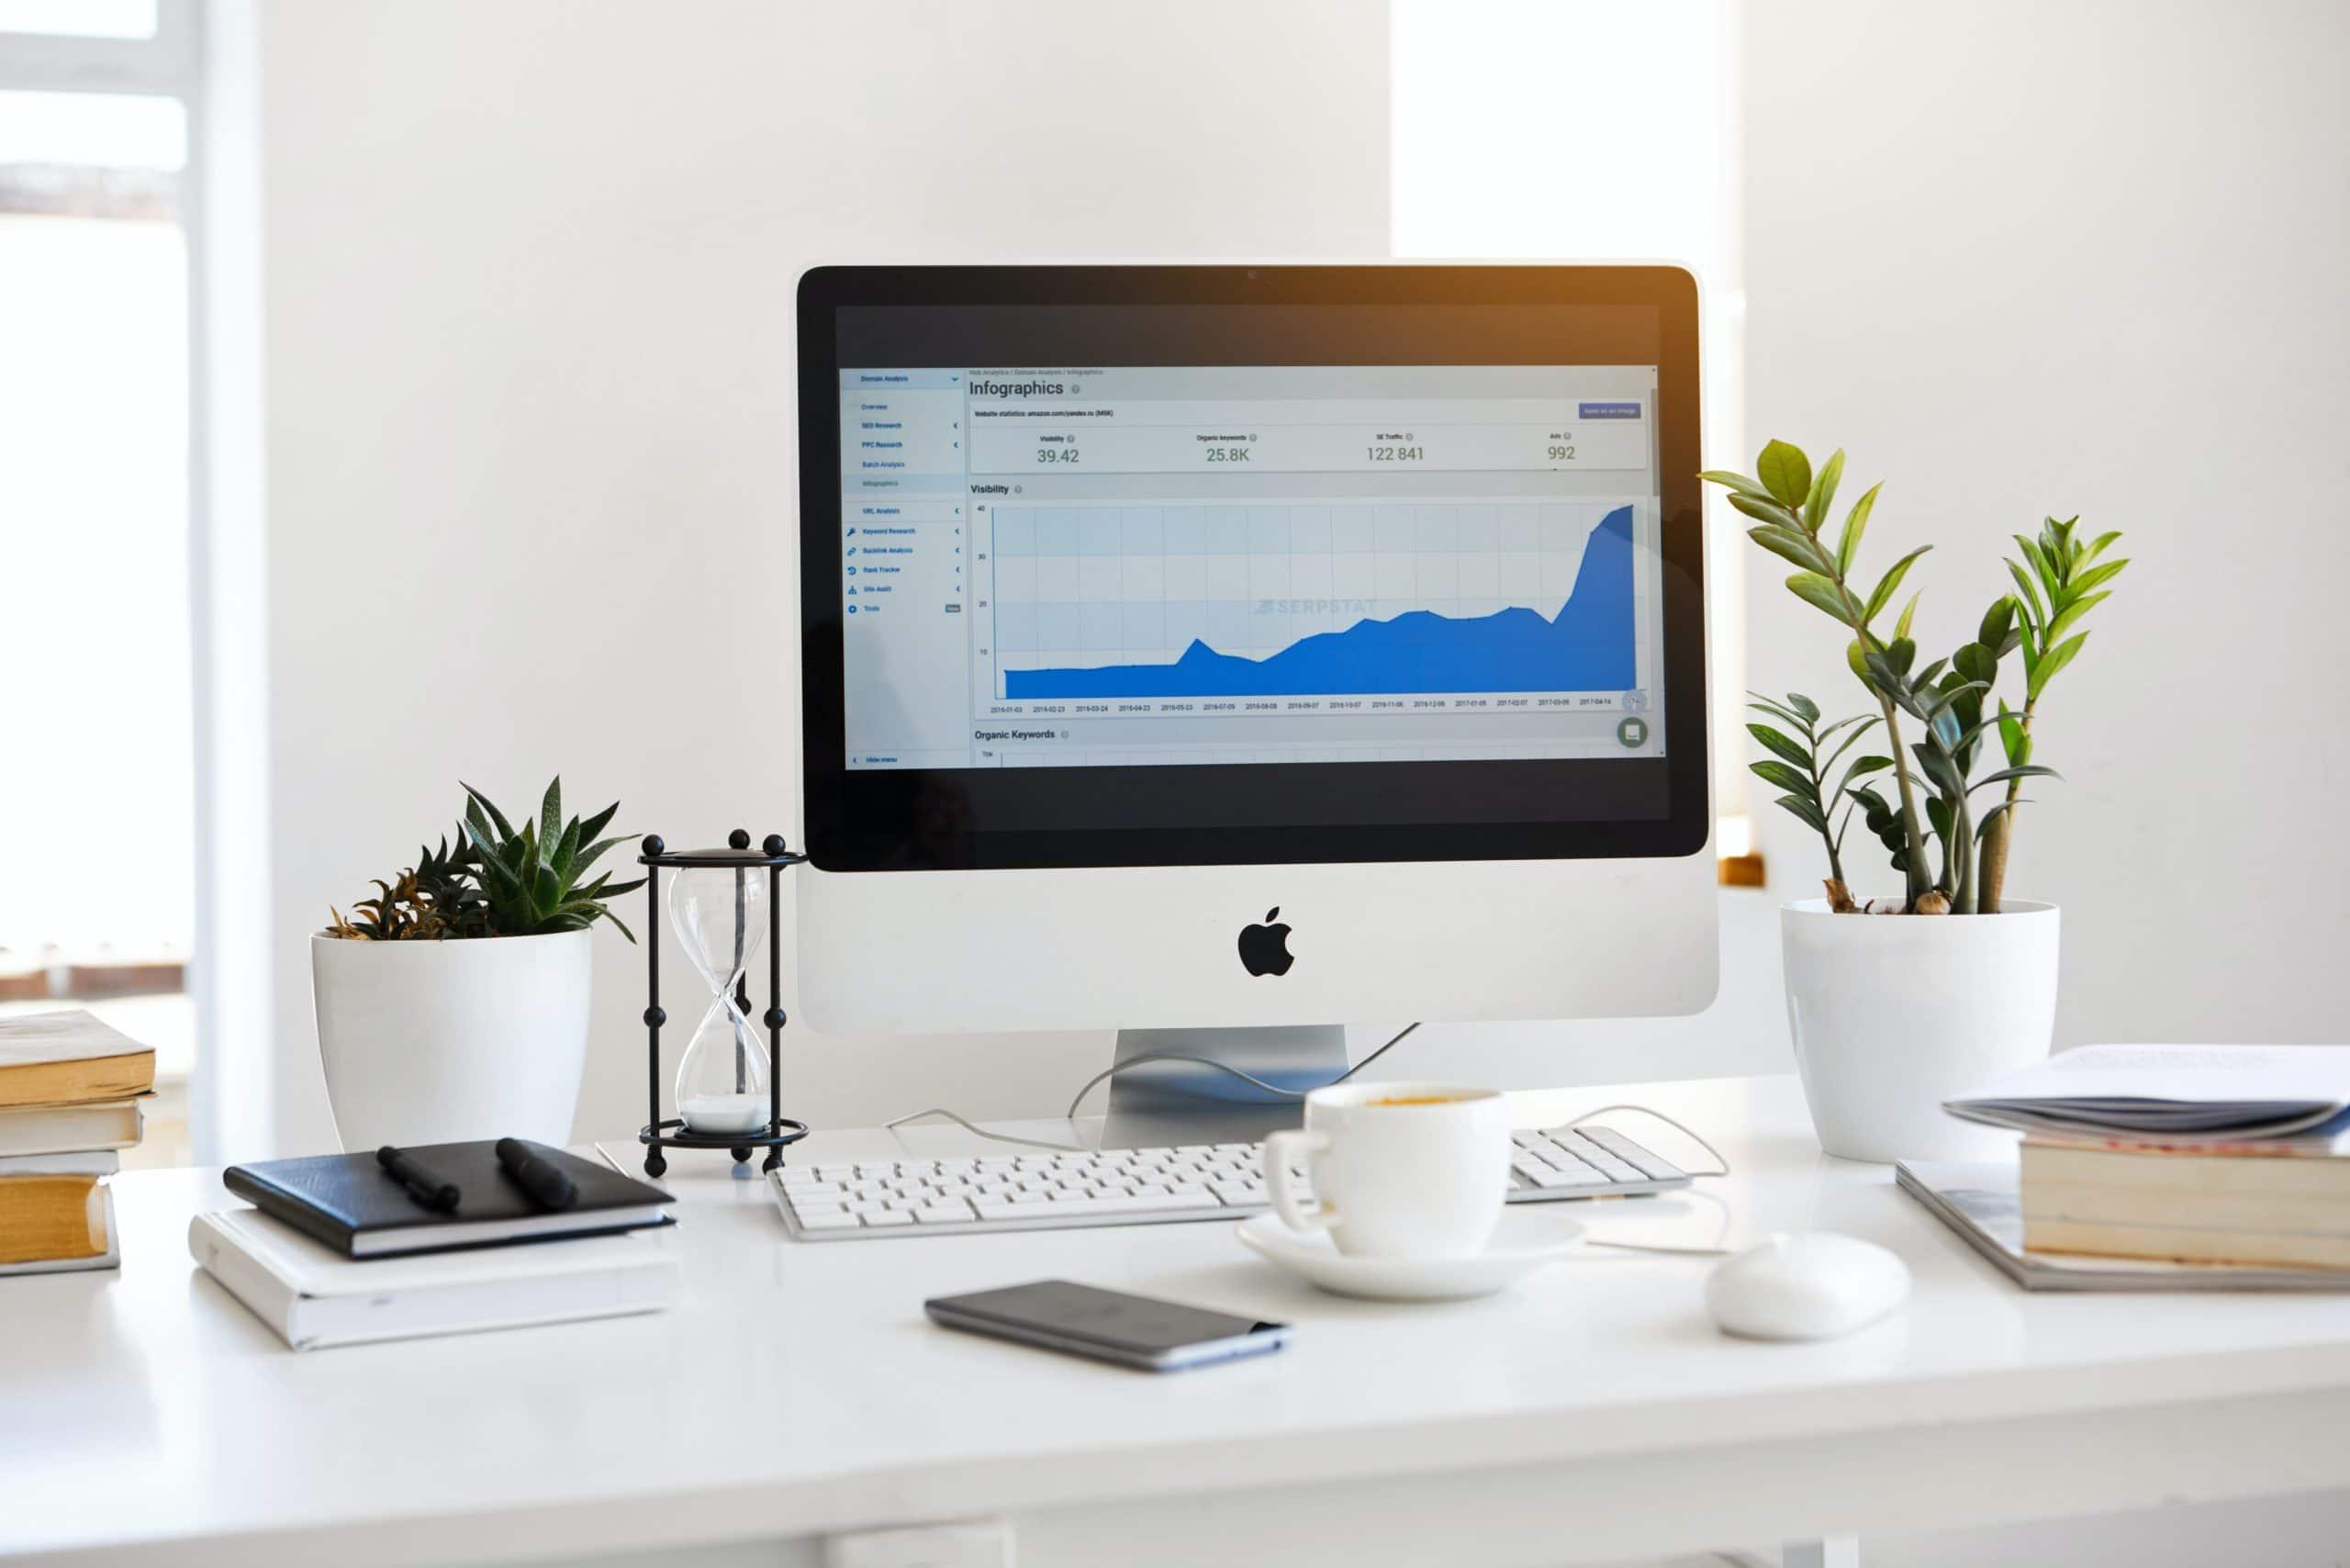 ordinateur posé sur un bureau blanc avec une plante verte et des livres